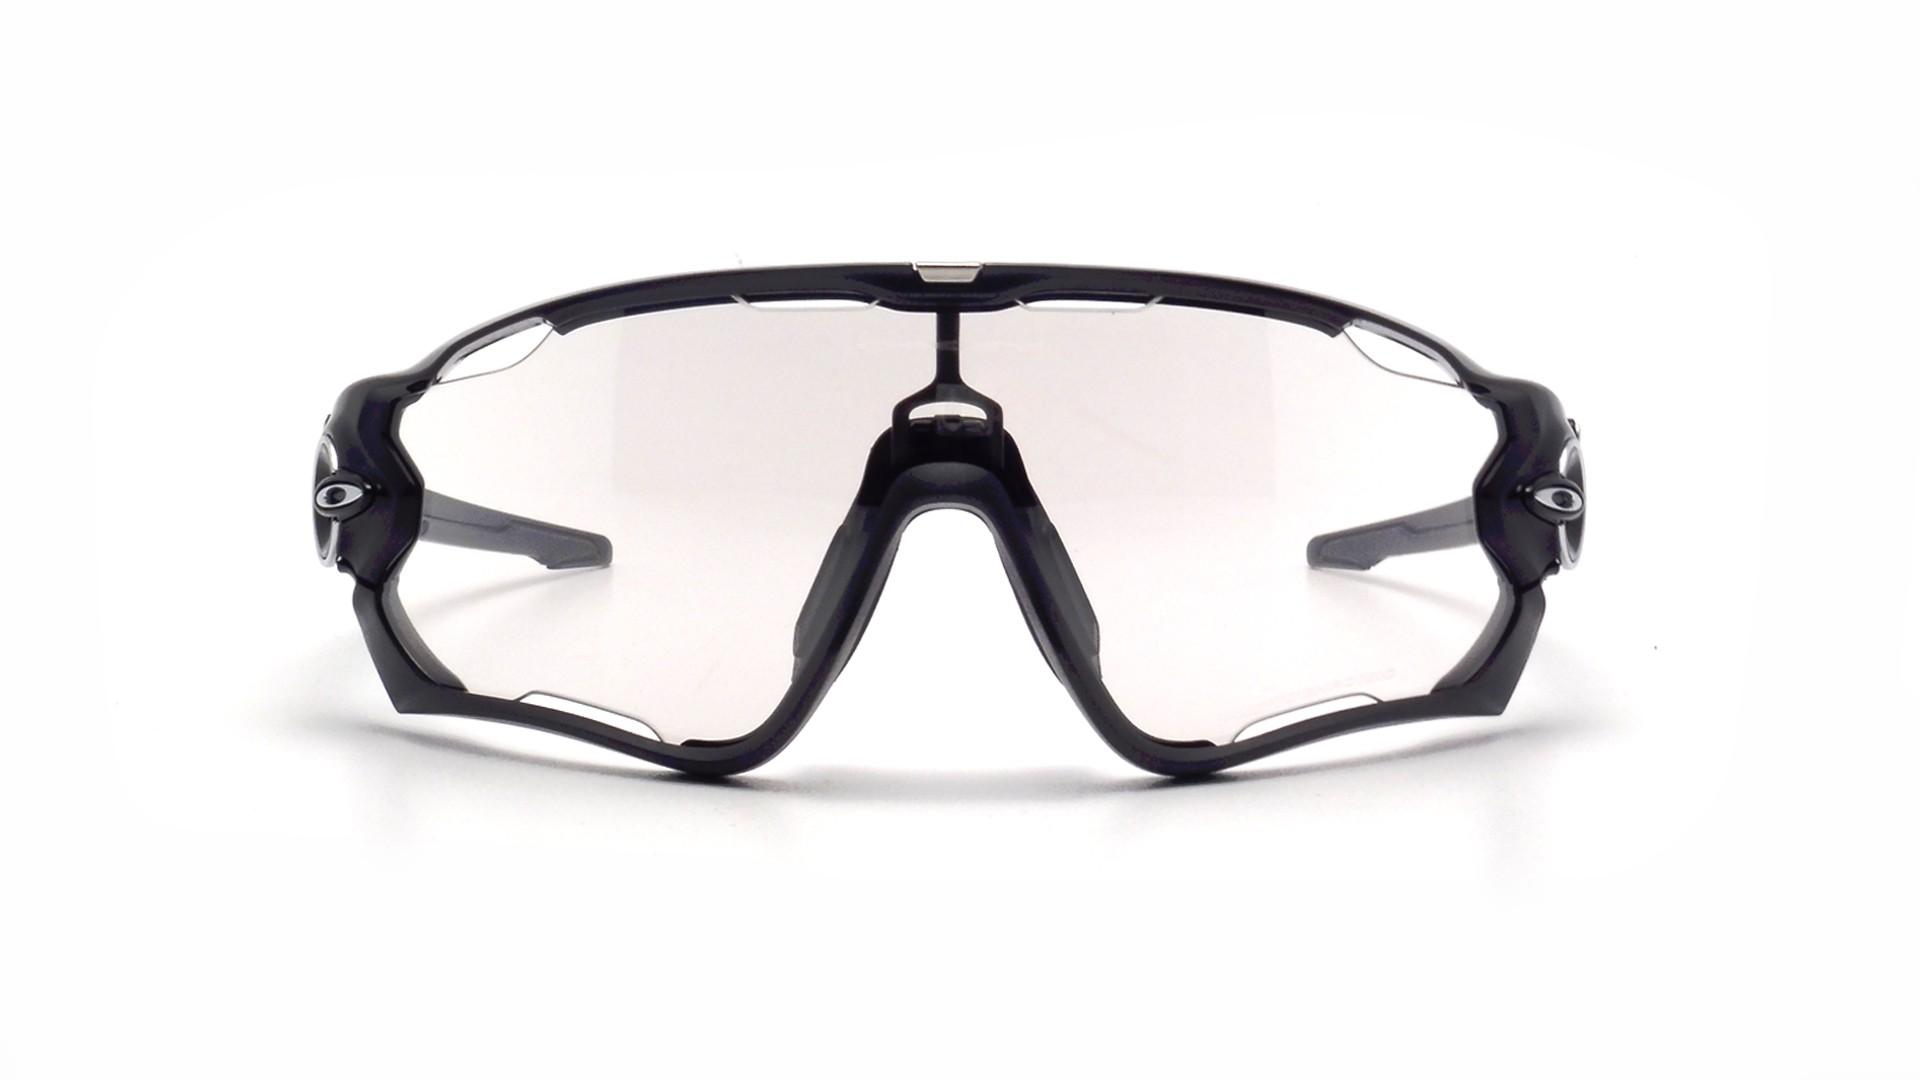 Breaker Noir Oo9290 14 Oakley Medium Jaw mN8n0Ovw